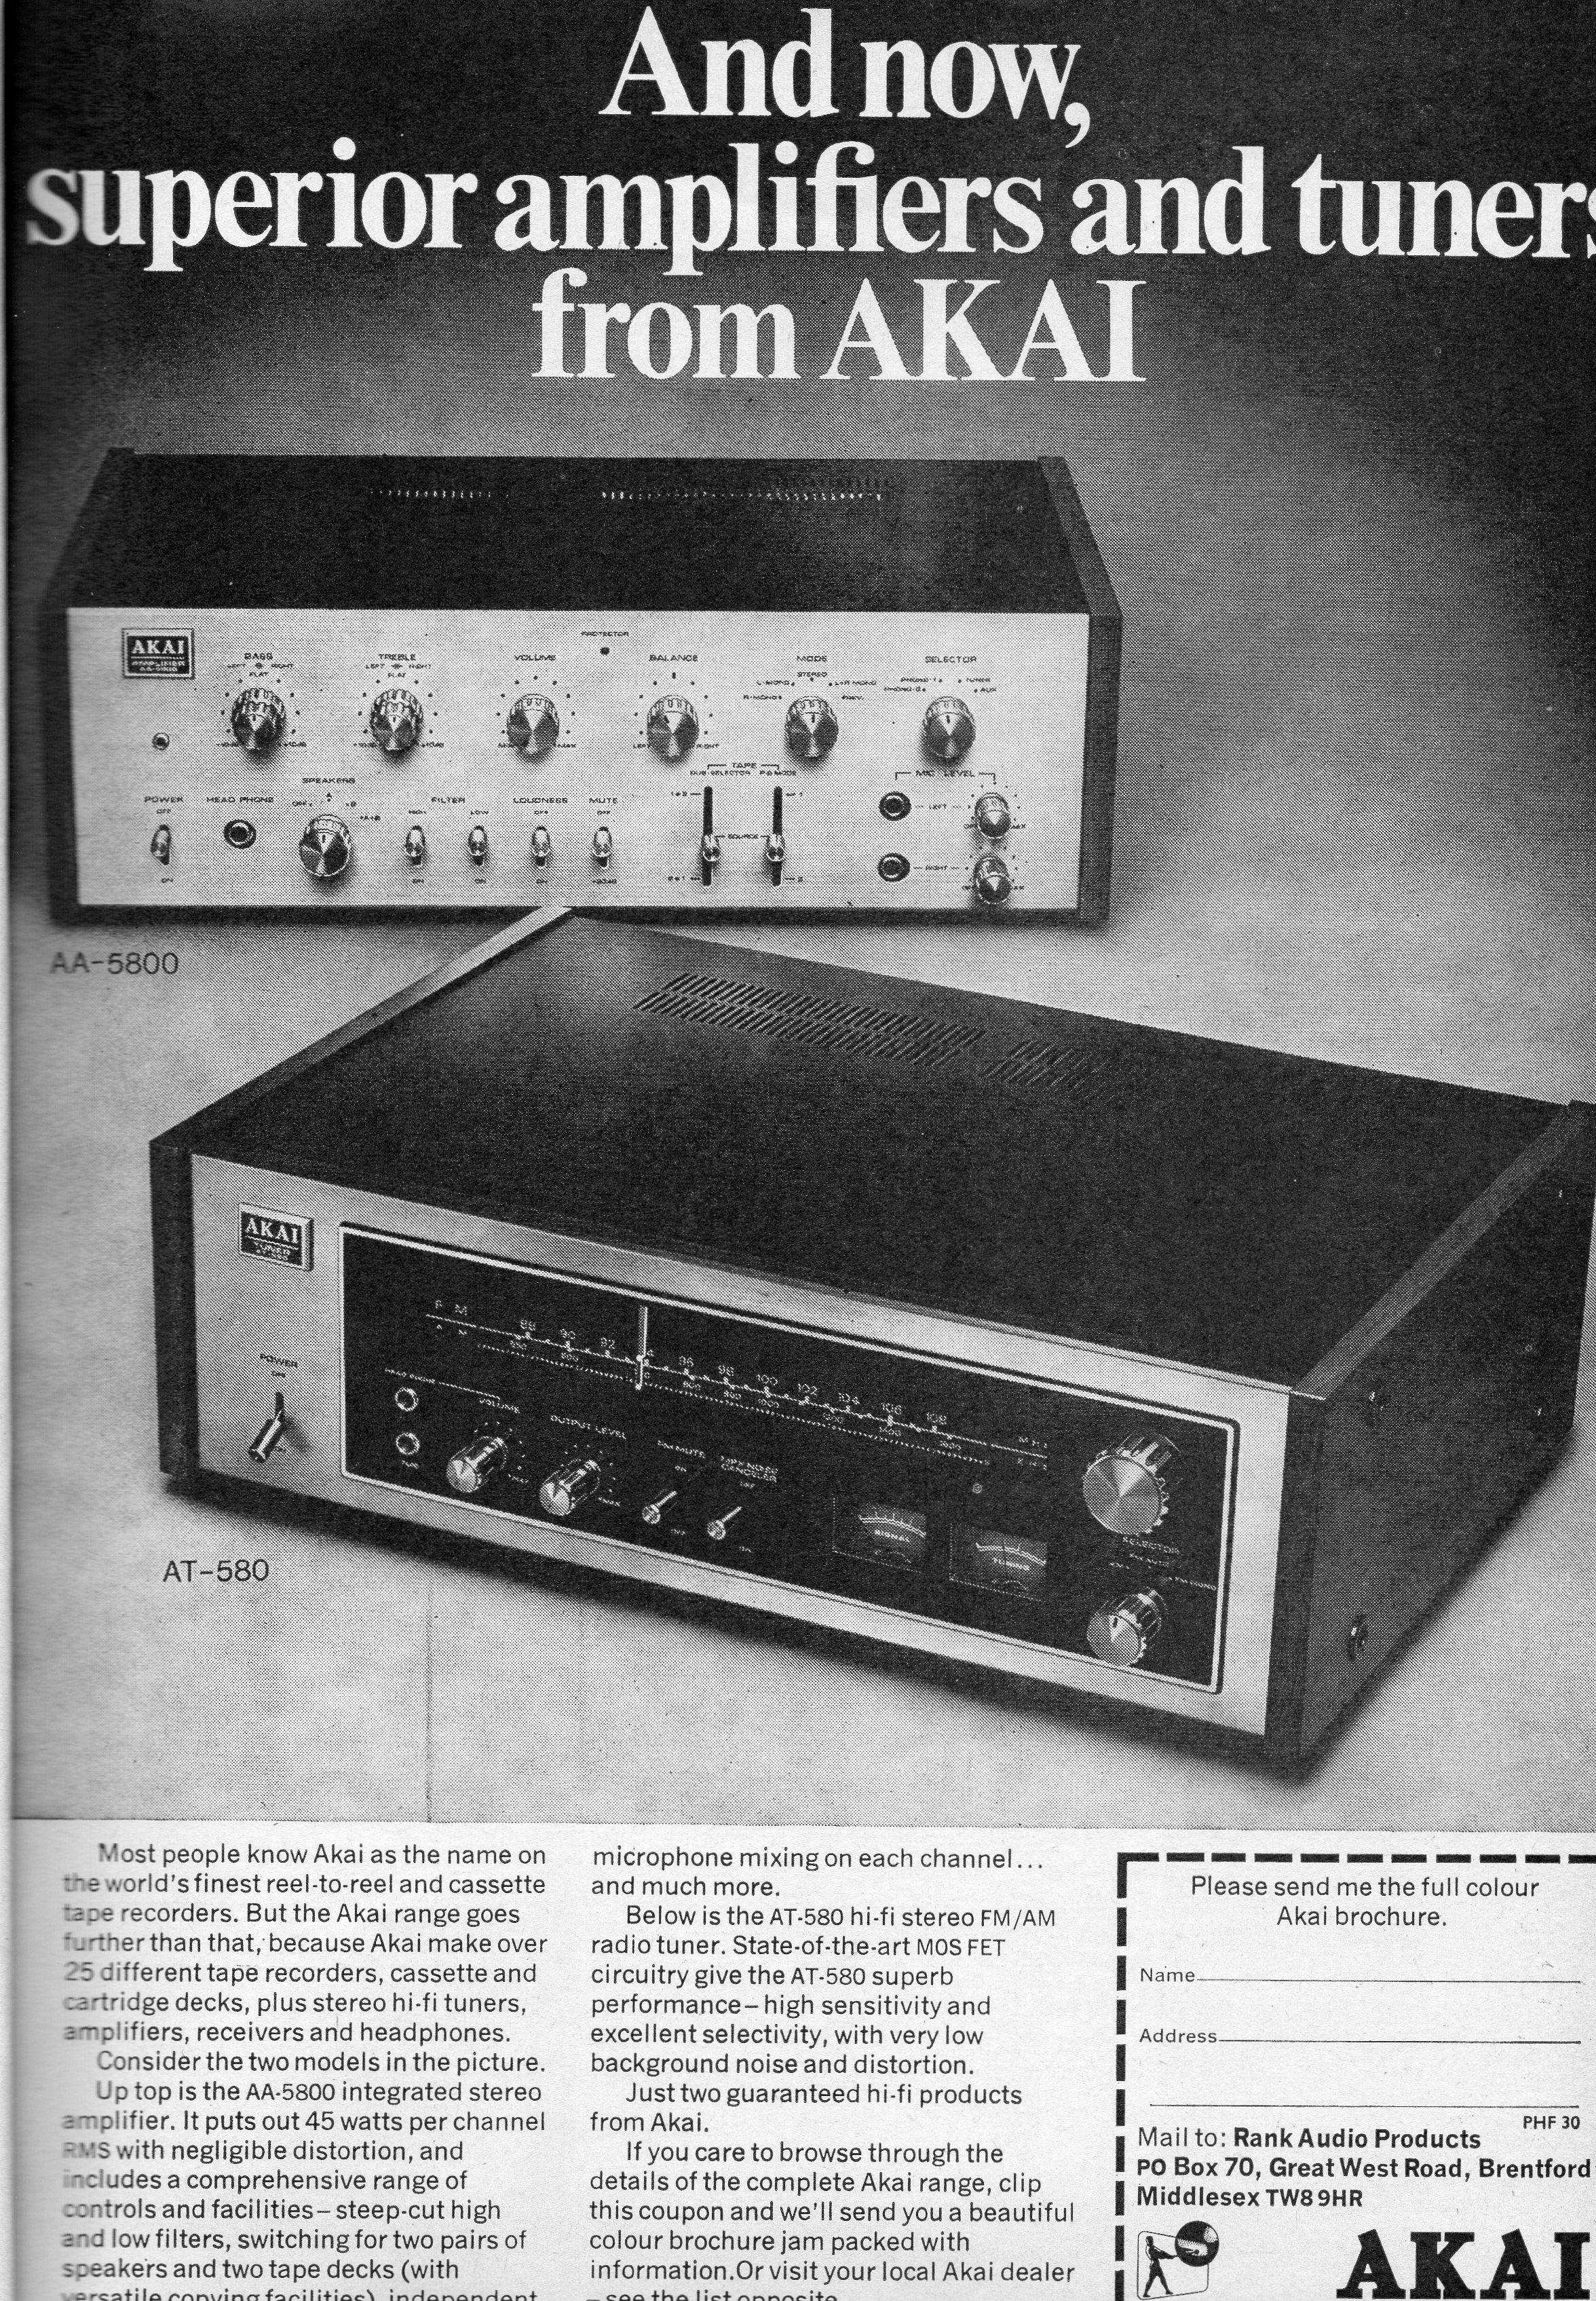 Akai Advert AA-5800_AT-580 1974.jpg